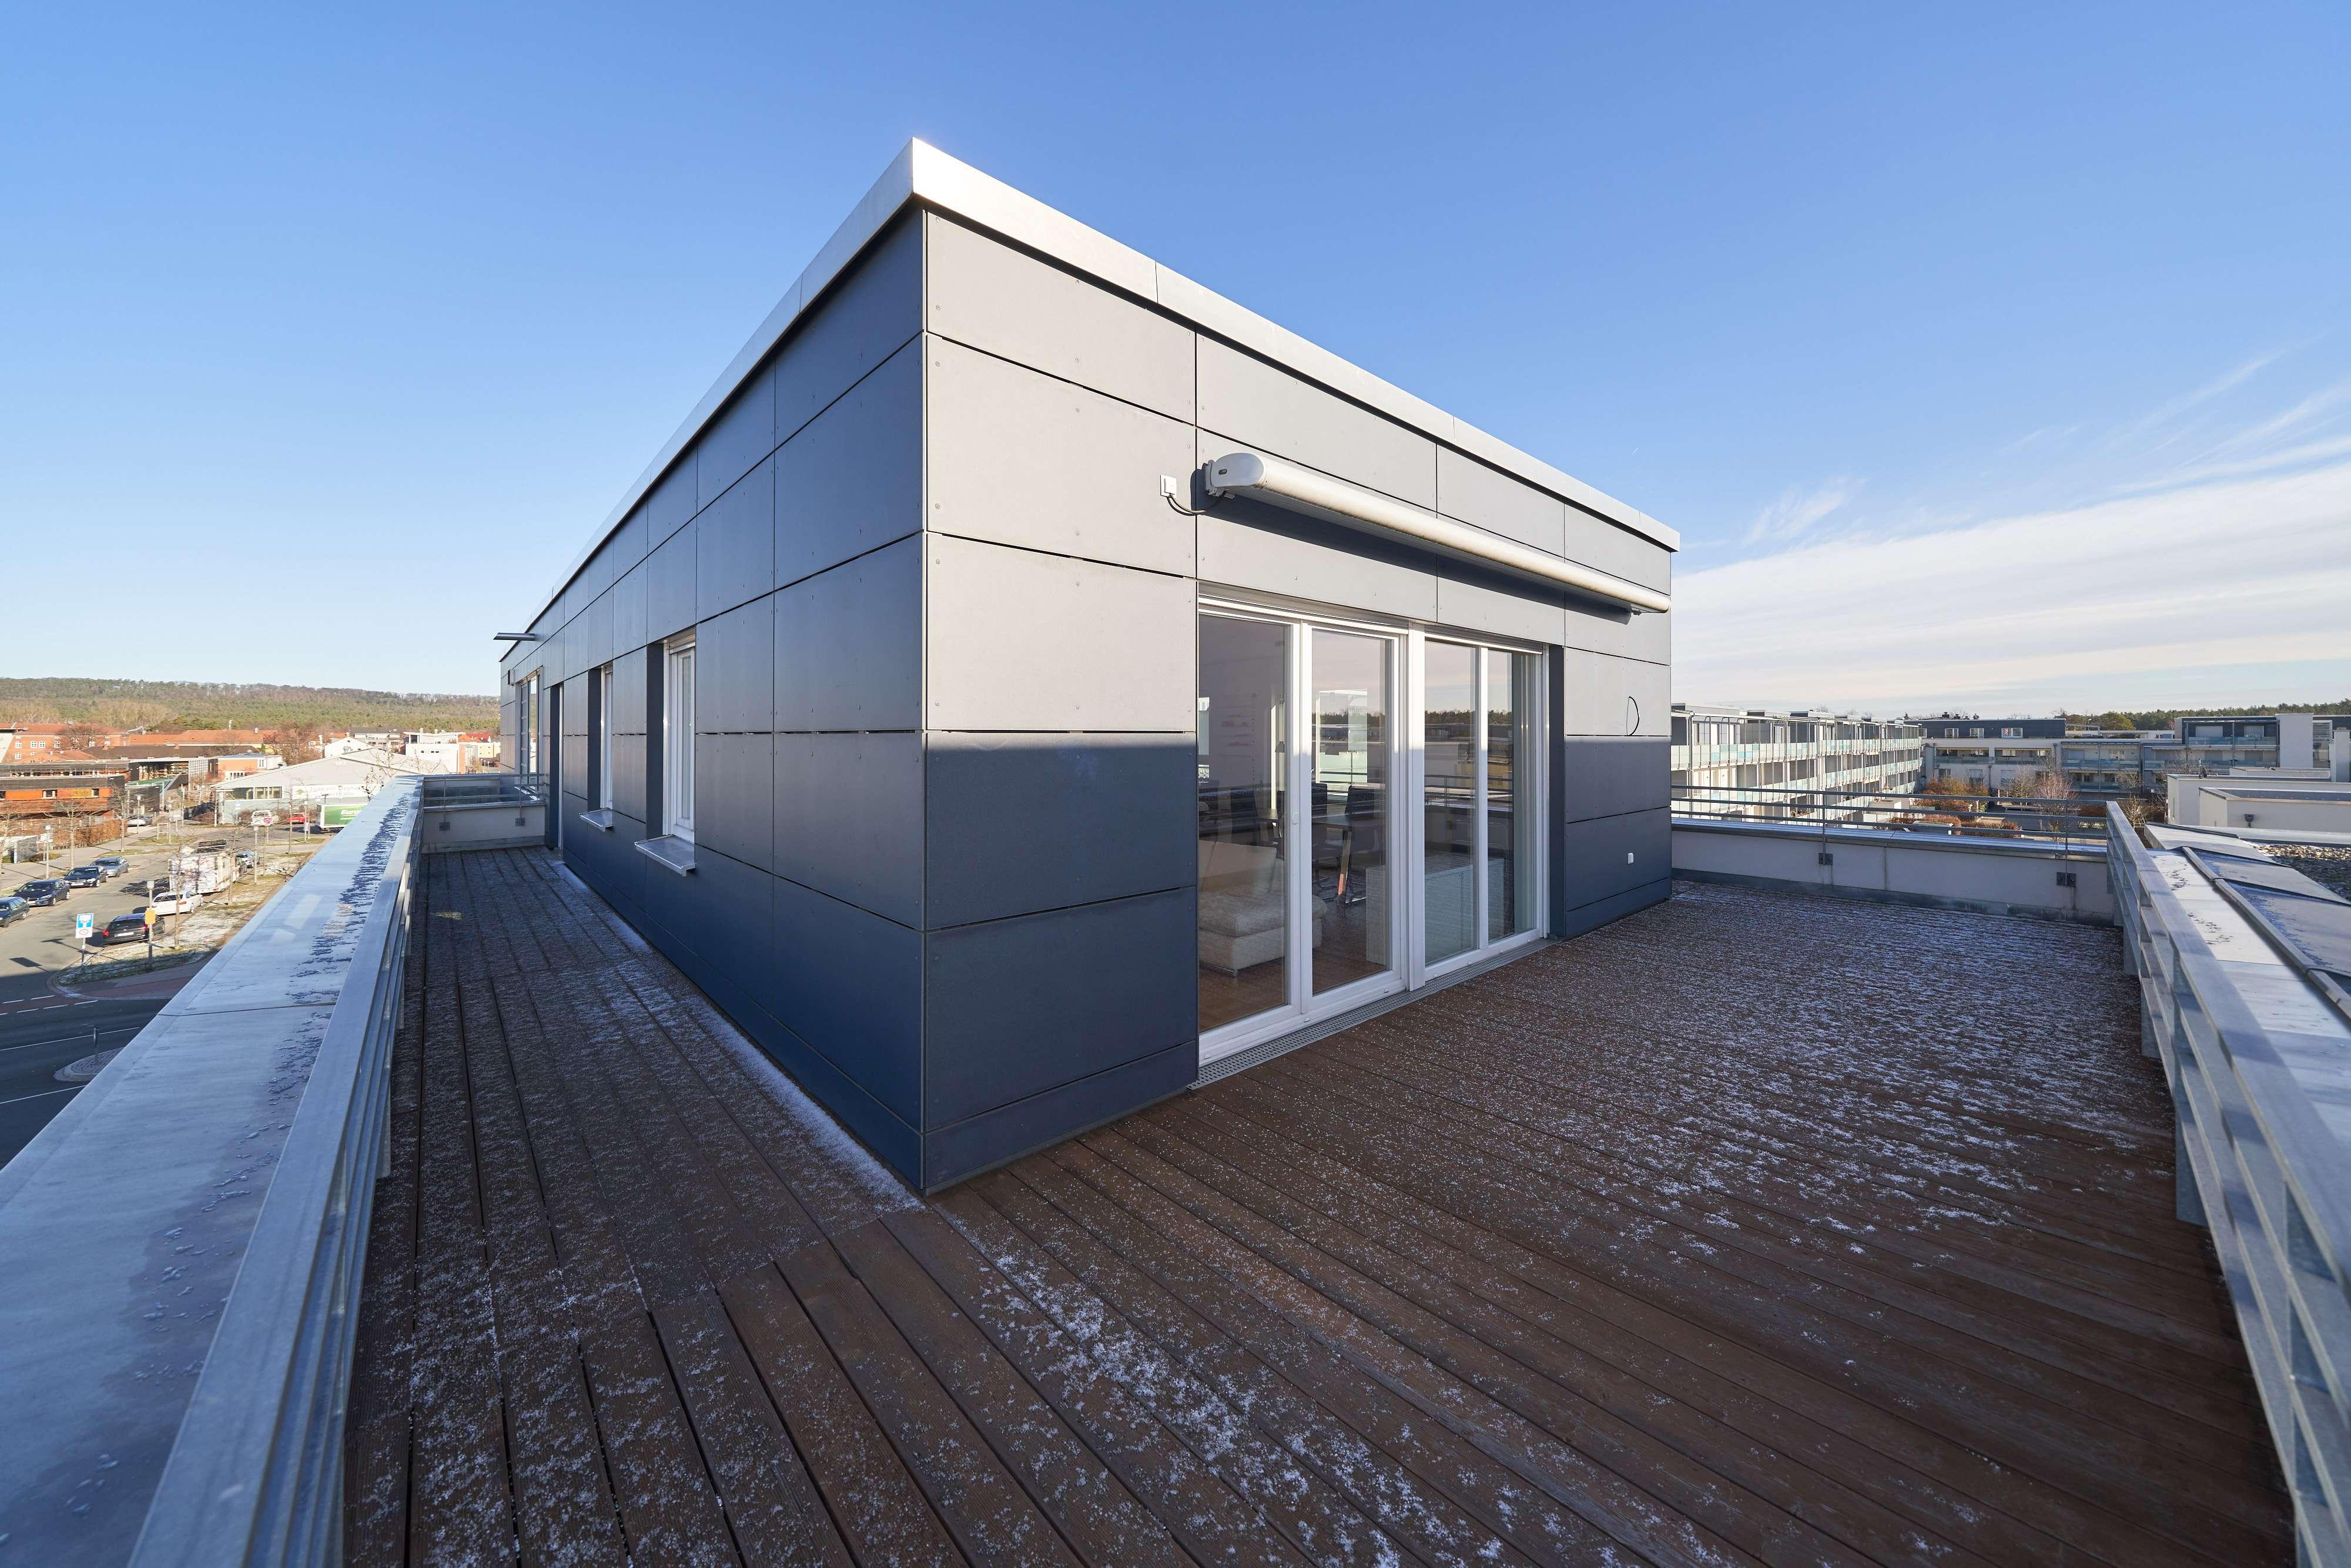 Röthelheimpark *** 3-Zimmer Penthauswohnung über den Dächern (moderne Einbauküche, TG) von Erlangen in Erlangen Süd (Erlangen)